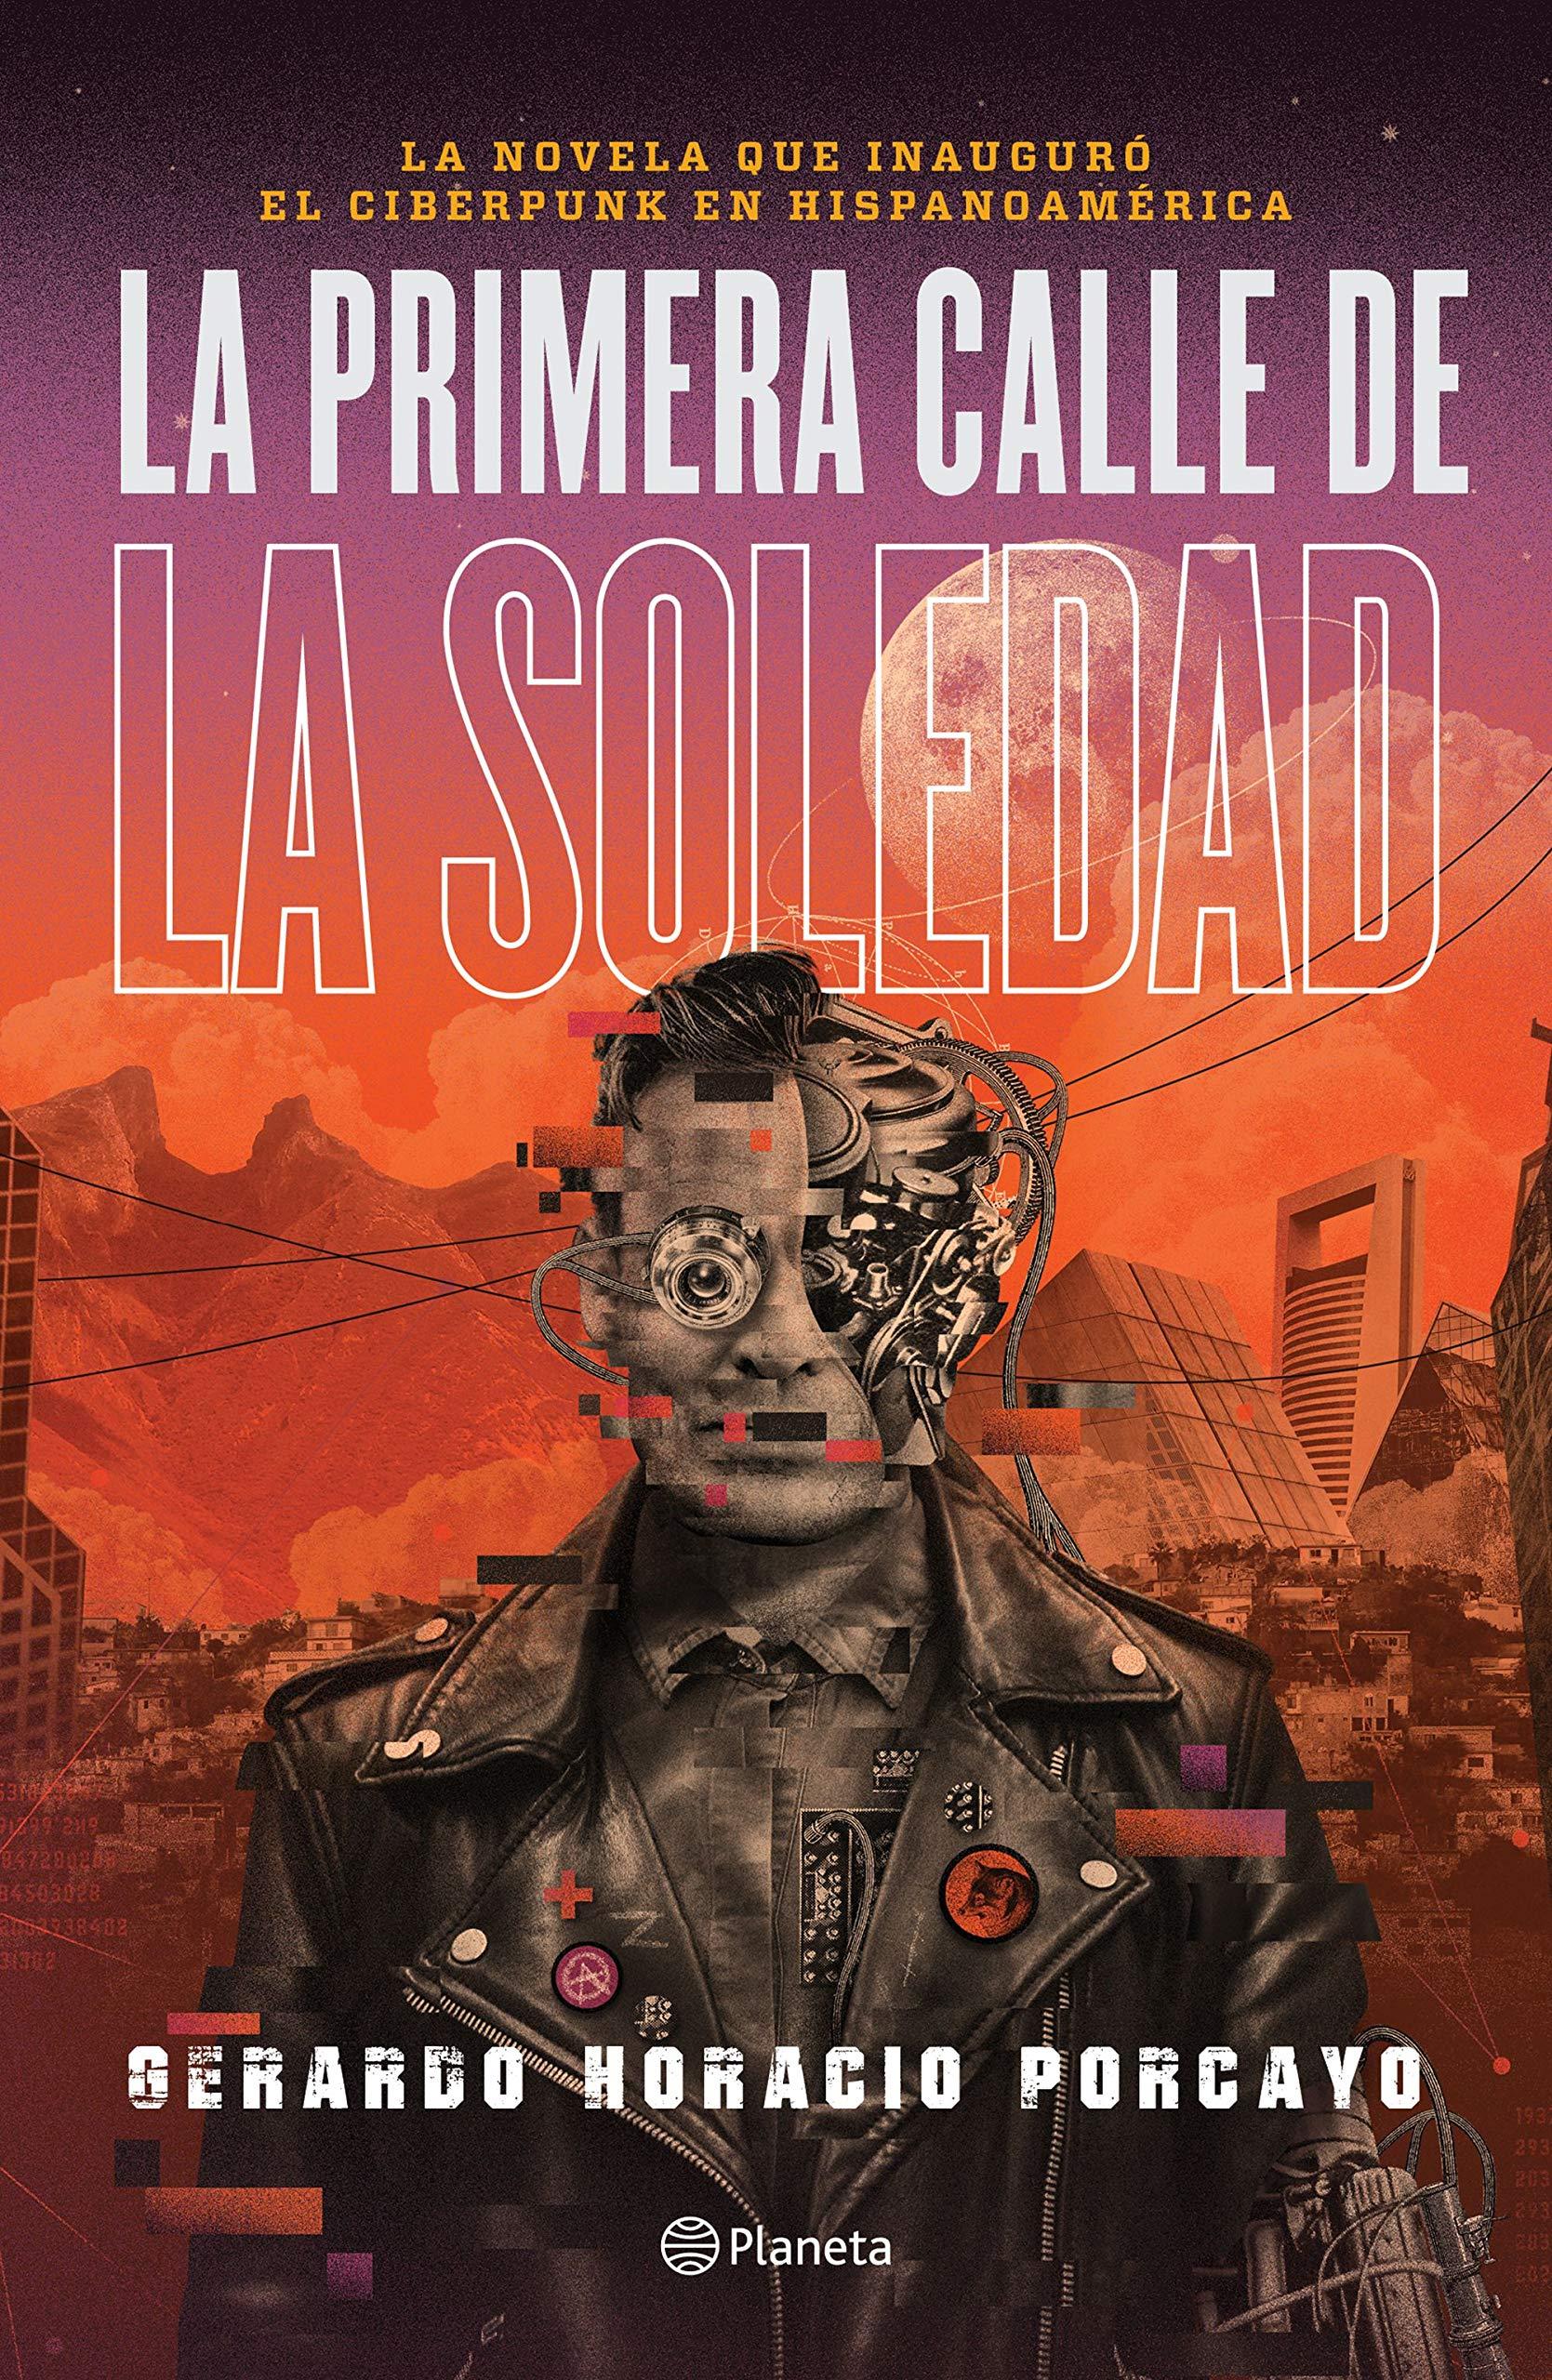 La primera calle de la soledad (Spanish Edition)